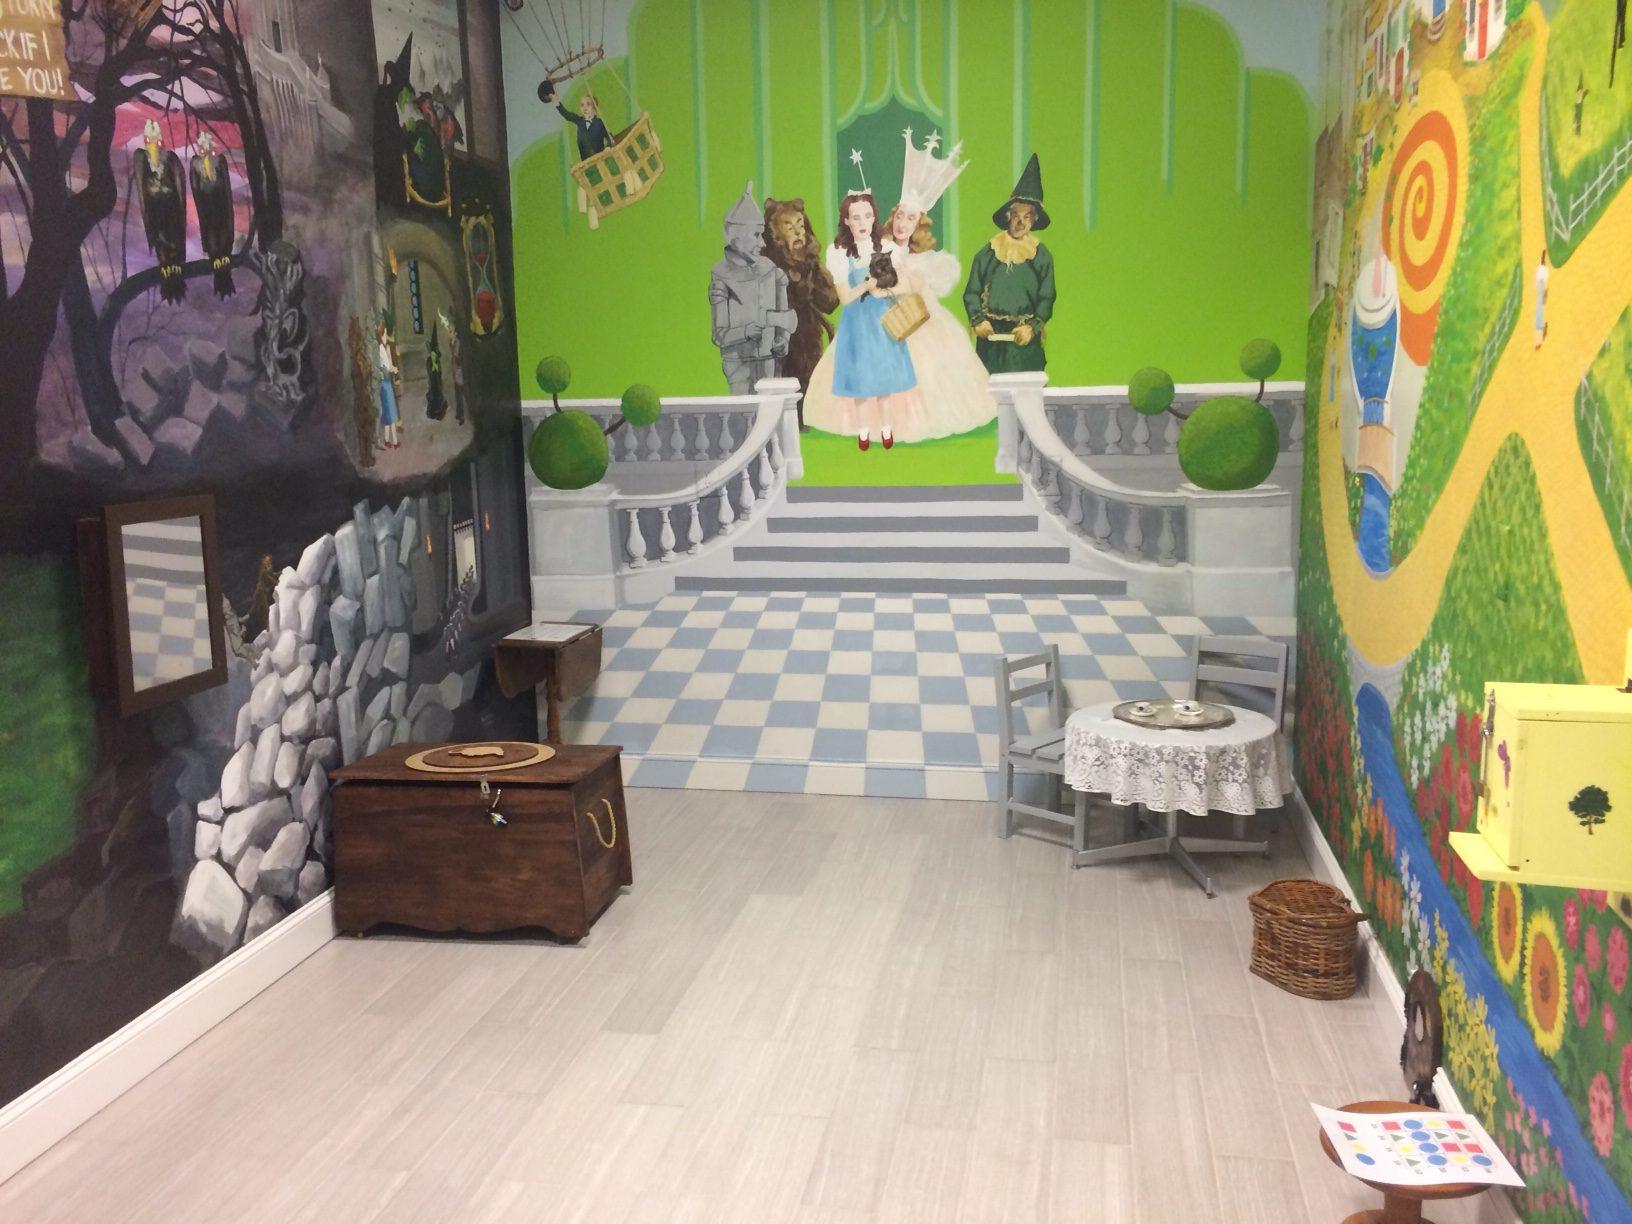 Wizard of Oz Room